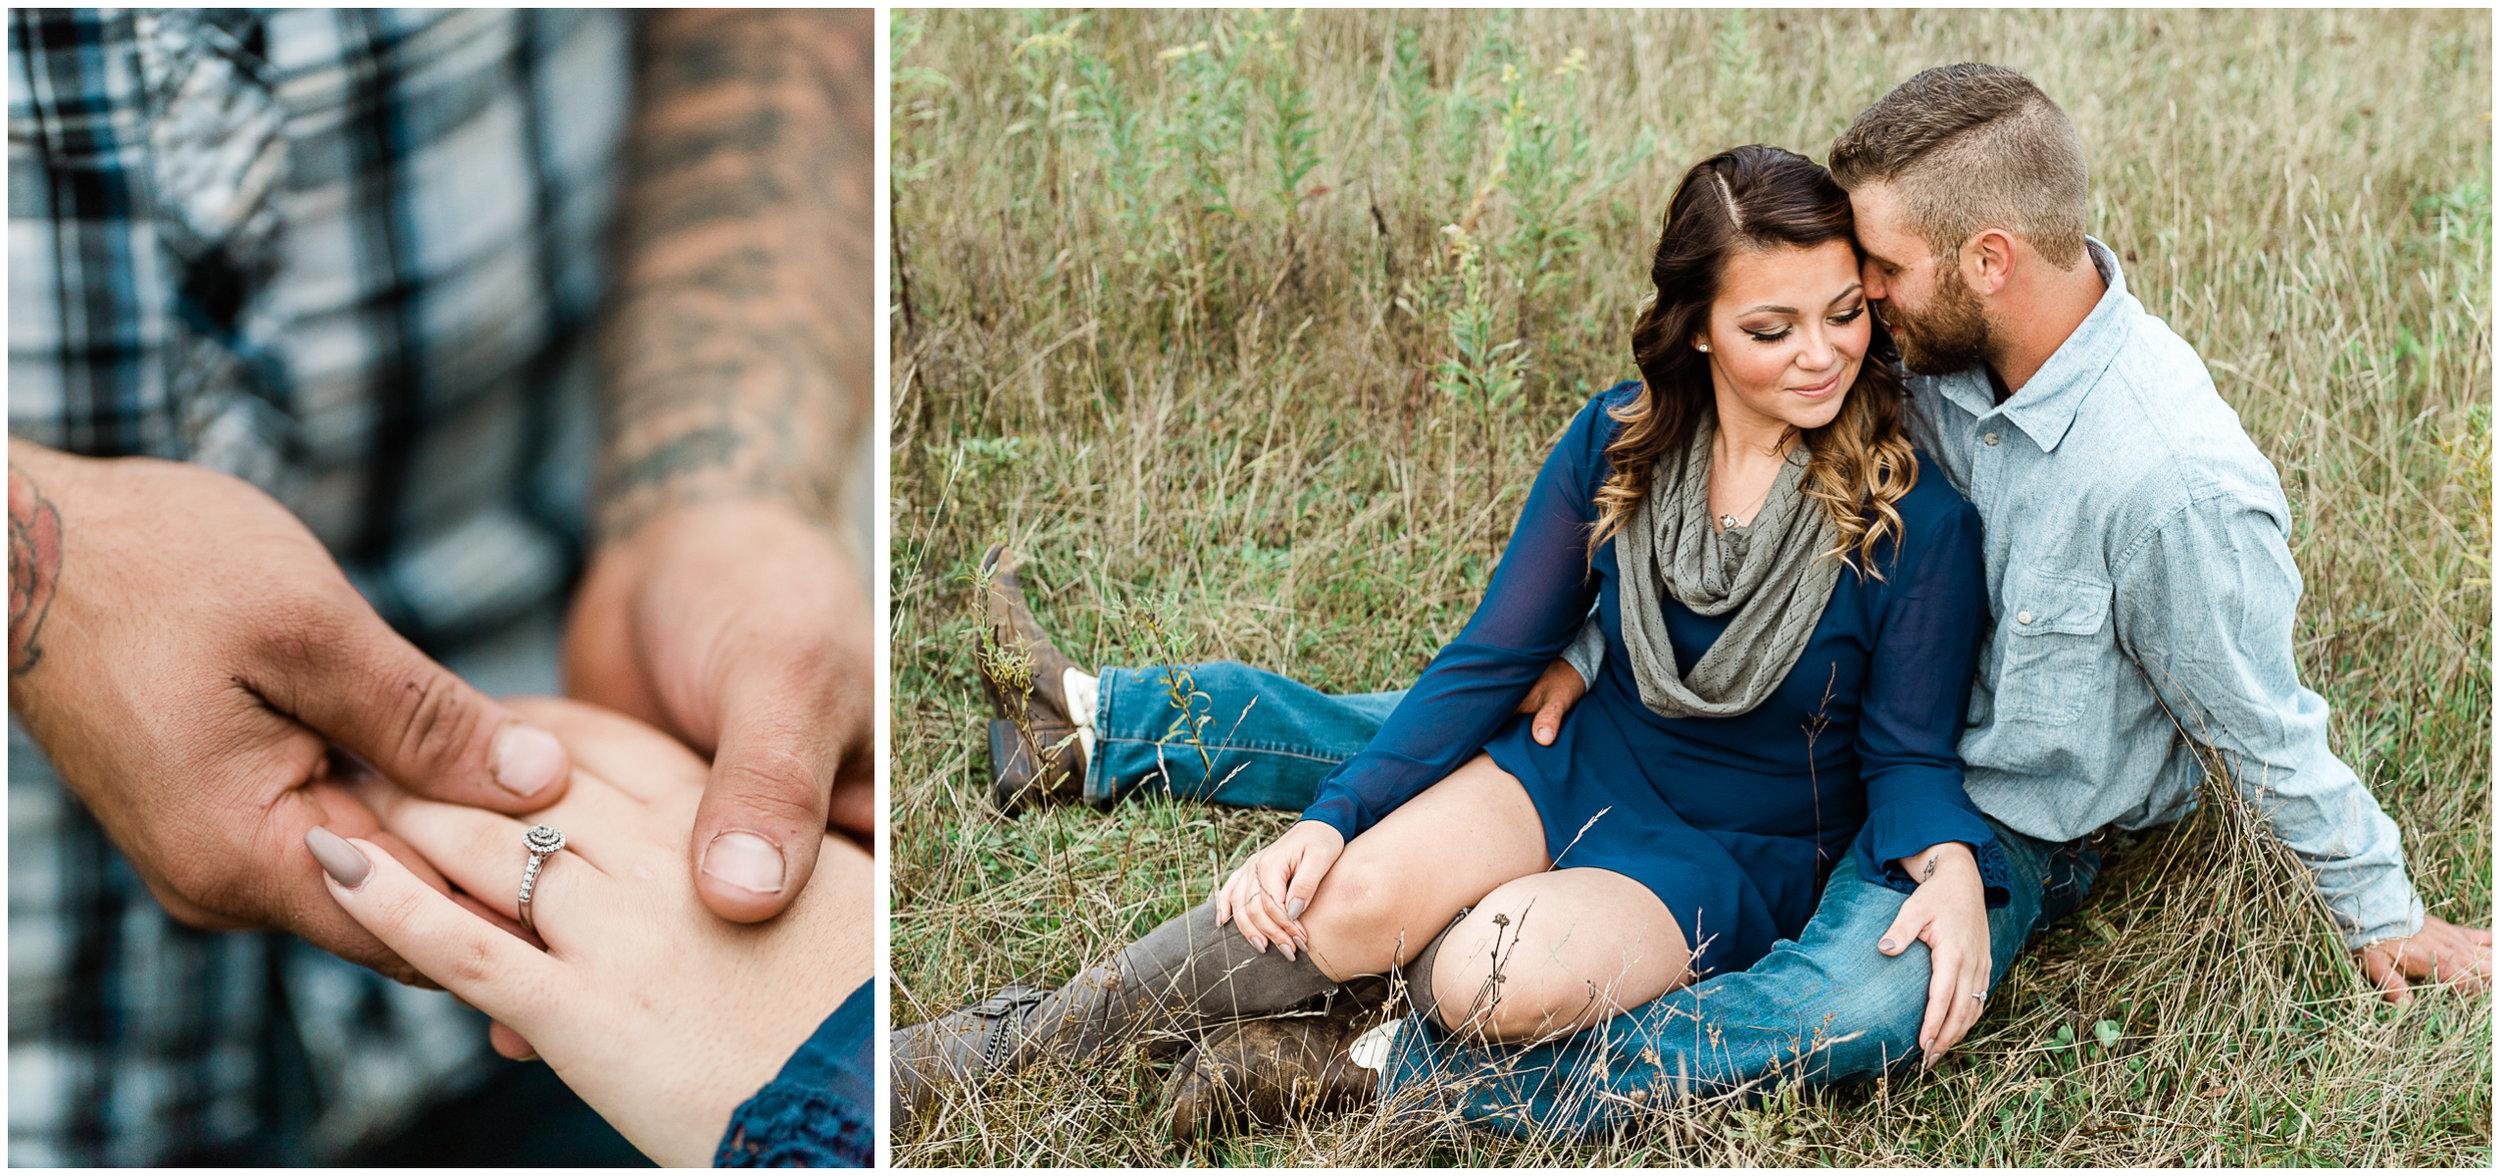 rhinelander-wisconsin-wedding-photographer-minocqua-eagle-river-northwoods-affordable-famiy-senior-engagement-photography5.jpg